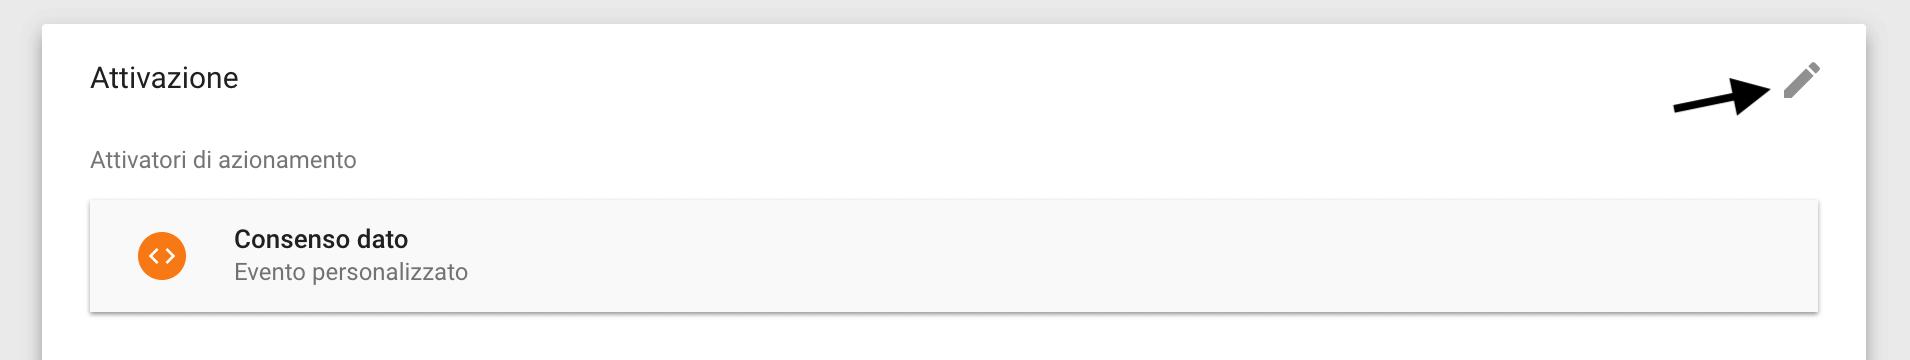 Google Tag Manager - Attivazione